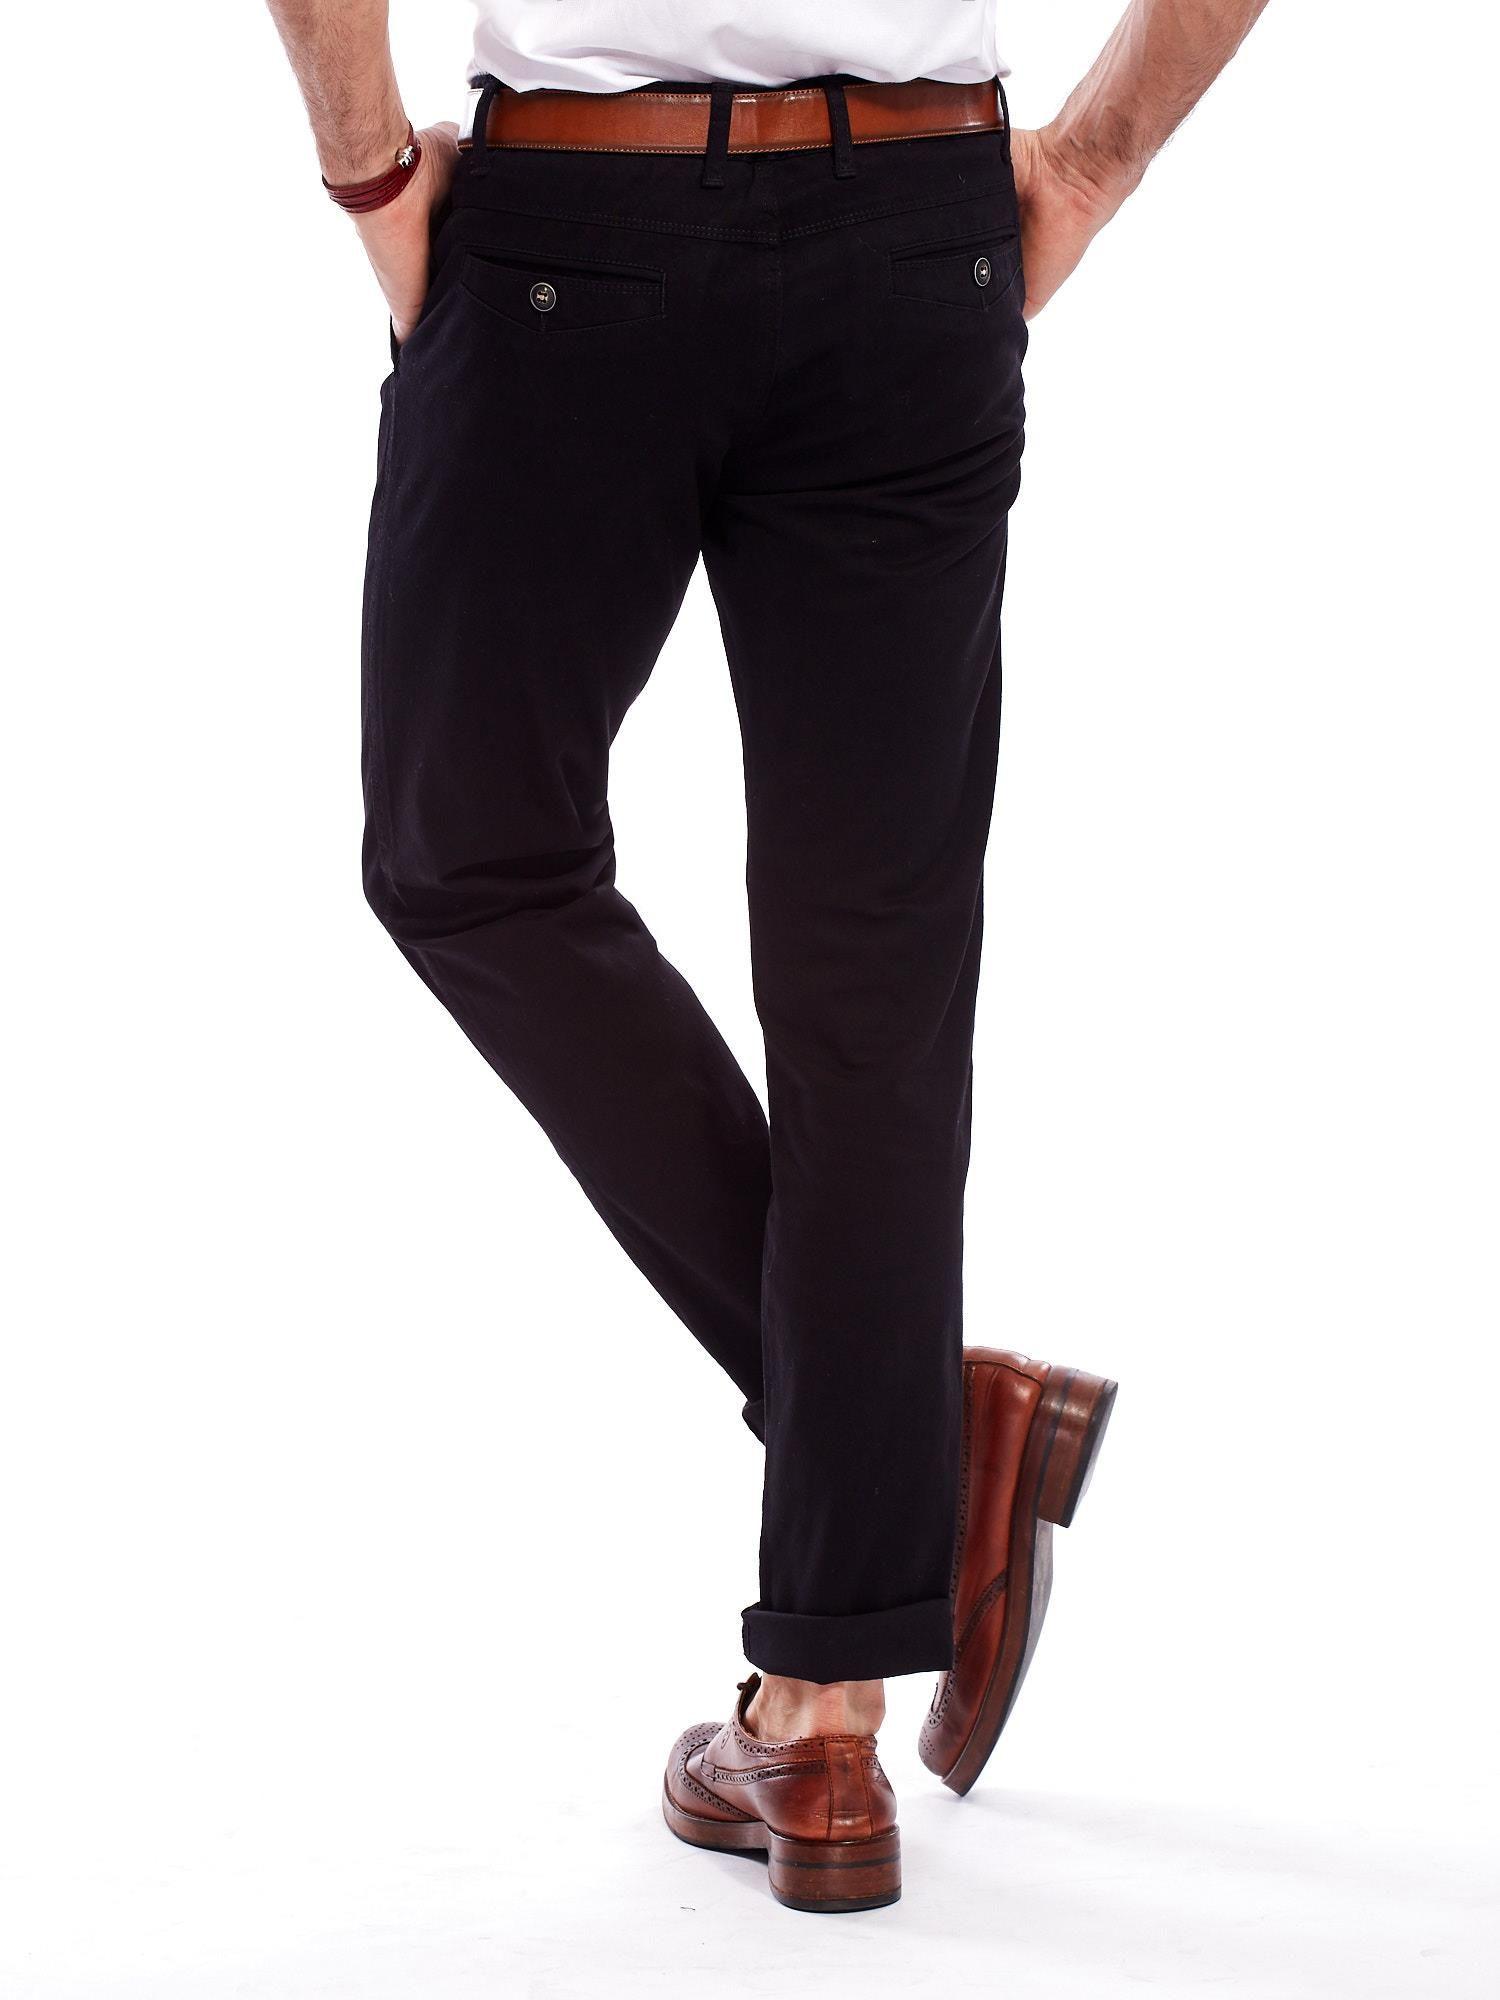 d508cbf8994cb Spodnie męskie czarne o prostym kroju - Mężczyźni Spodnie z ...